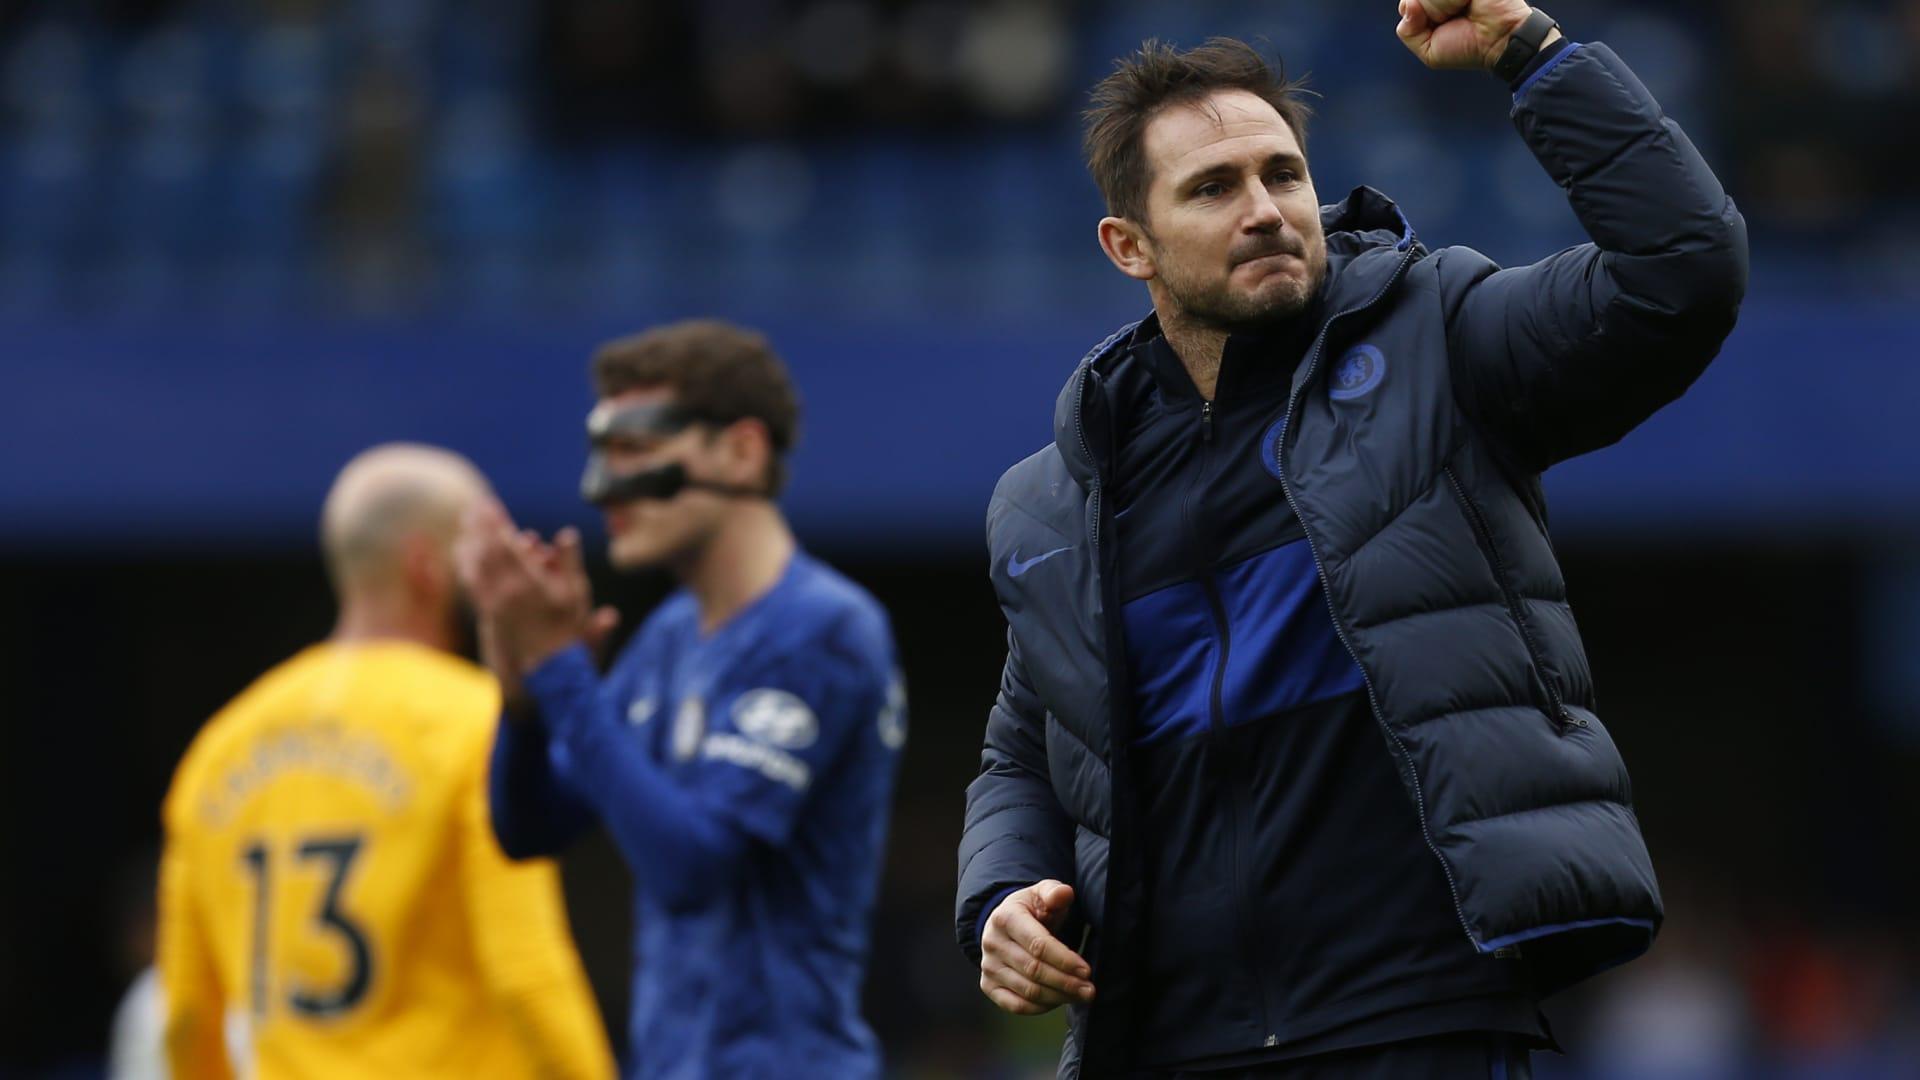 جوزيه مورينيو يعود إلى الدوري الإنجليزي كمدرب توتنهام الجديد